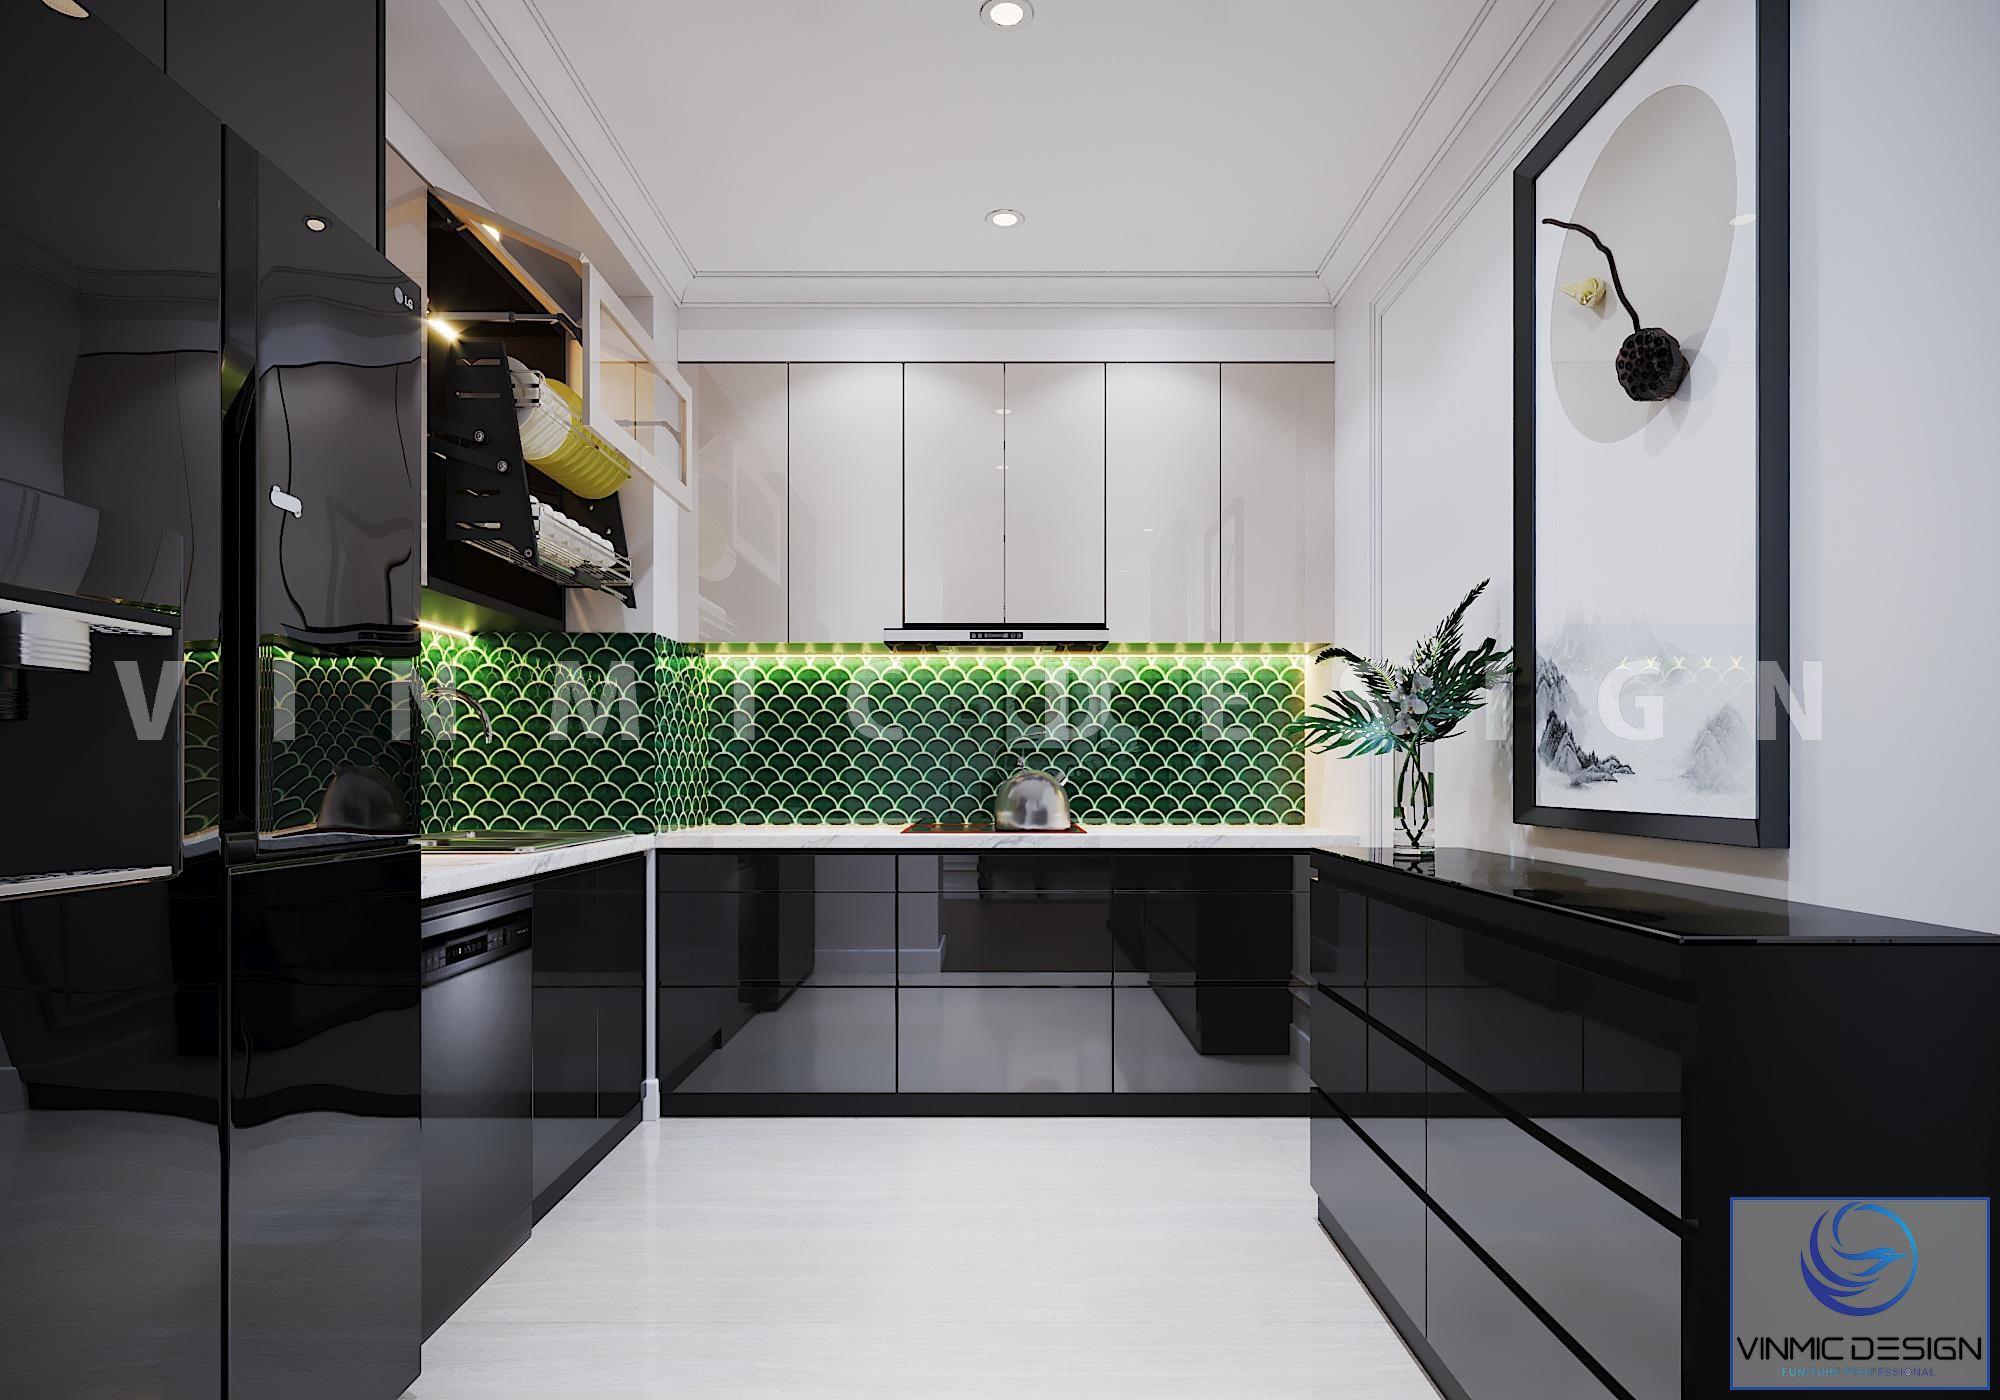 Thiết kế tủ bếp đẹp phong cách Indochine (Á Đông) tại chung cư Vinhomes Metropolis